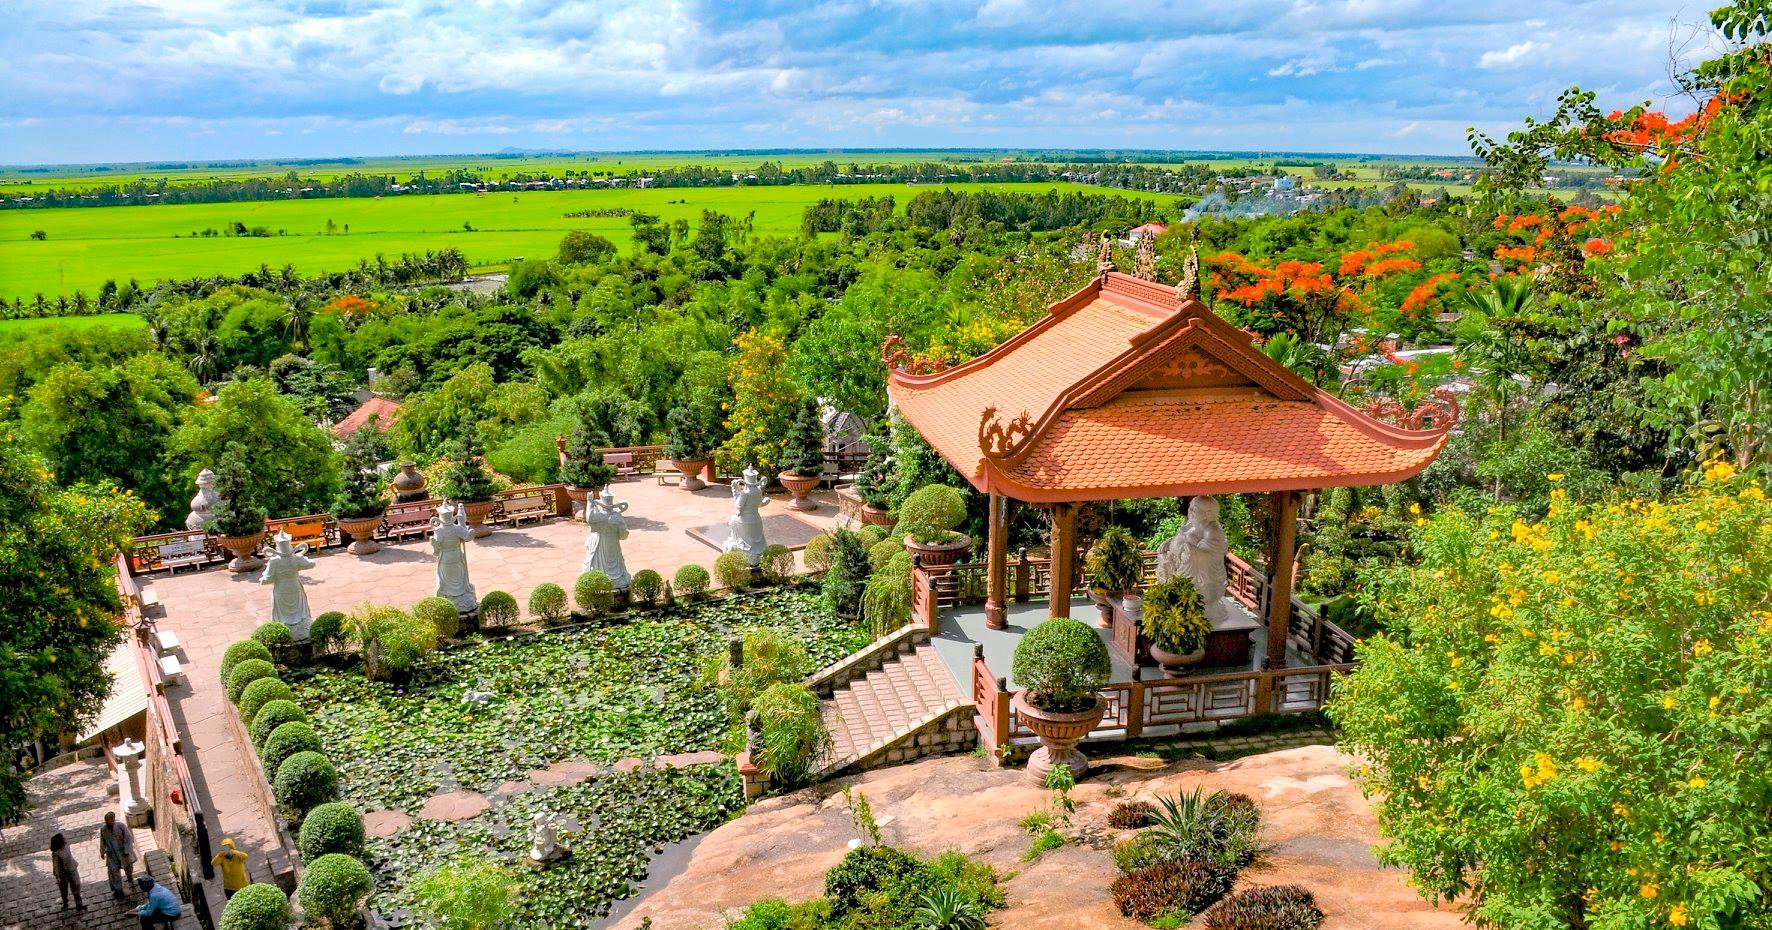 Mạng bán TOUR DU LỊCH trực tuyến hàng đầu tại Việt Nam | HavaTravel